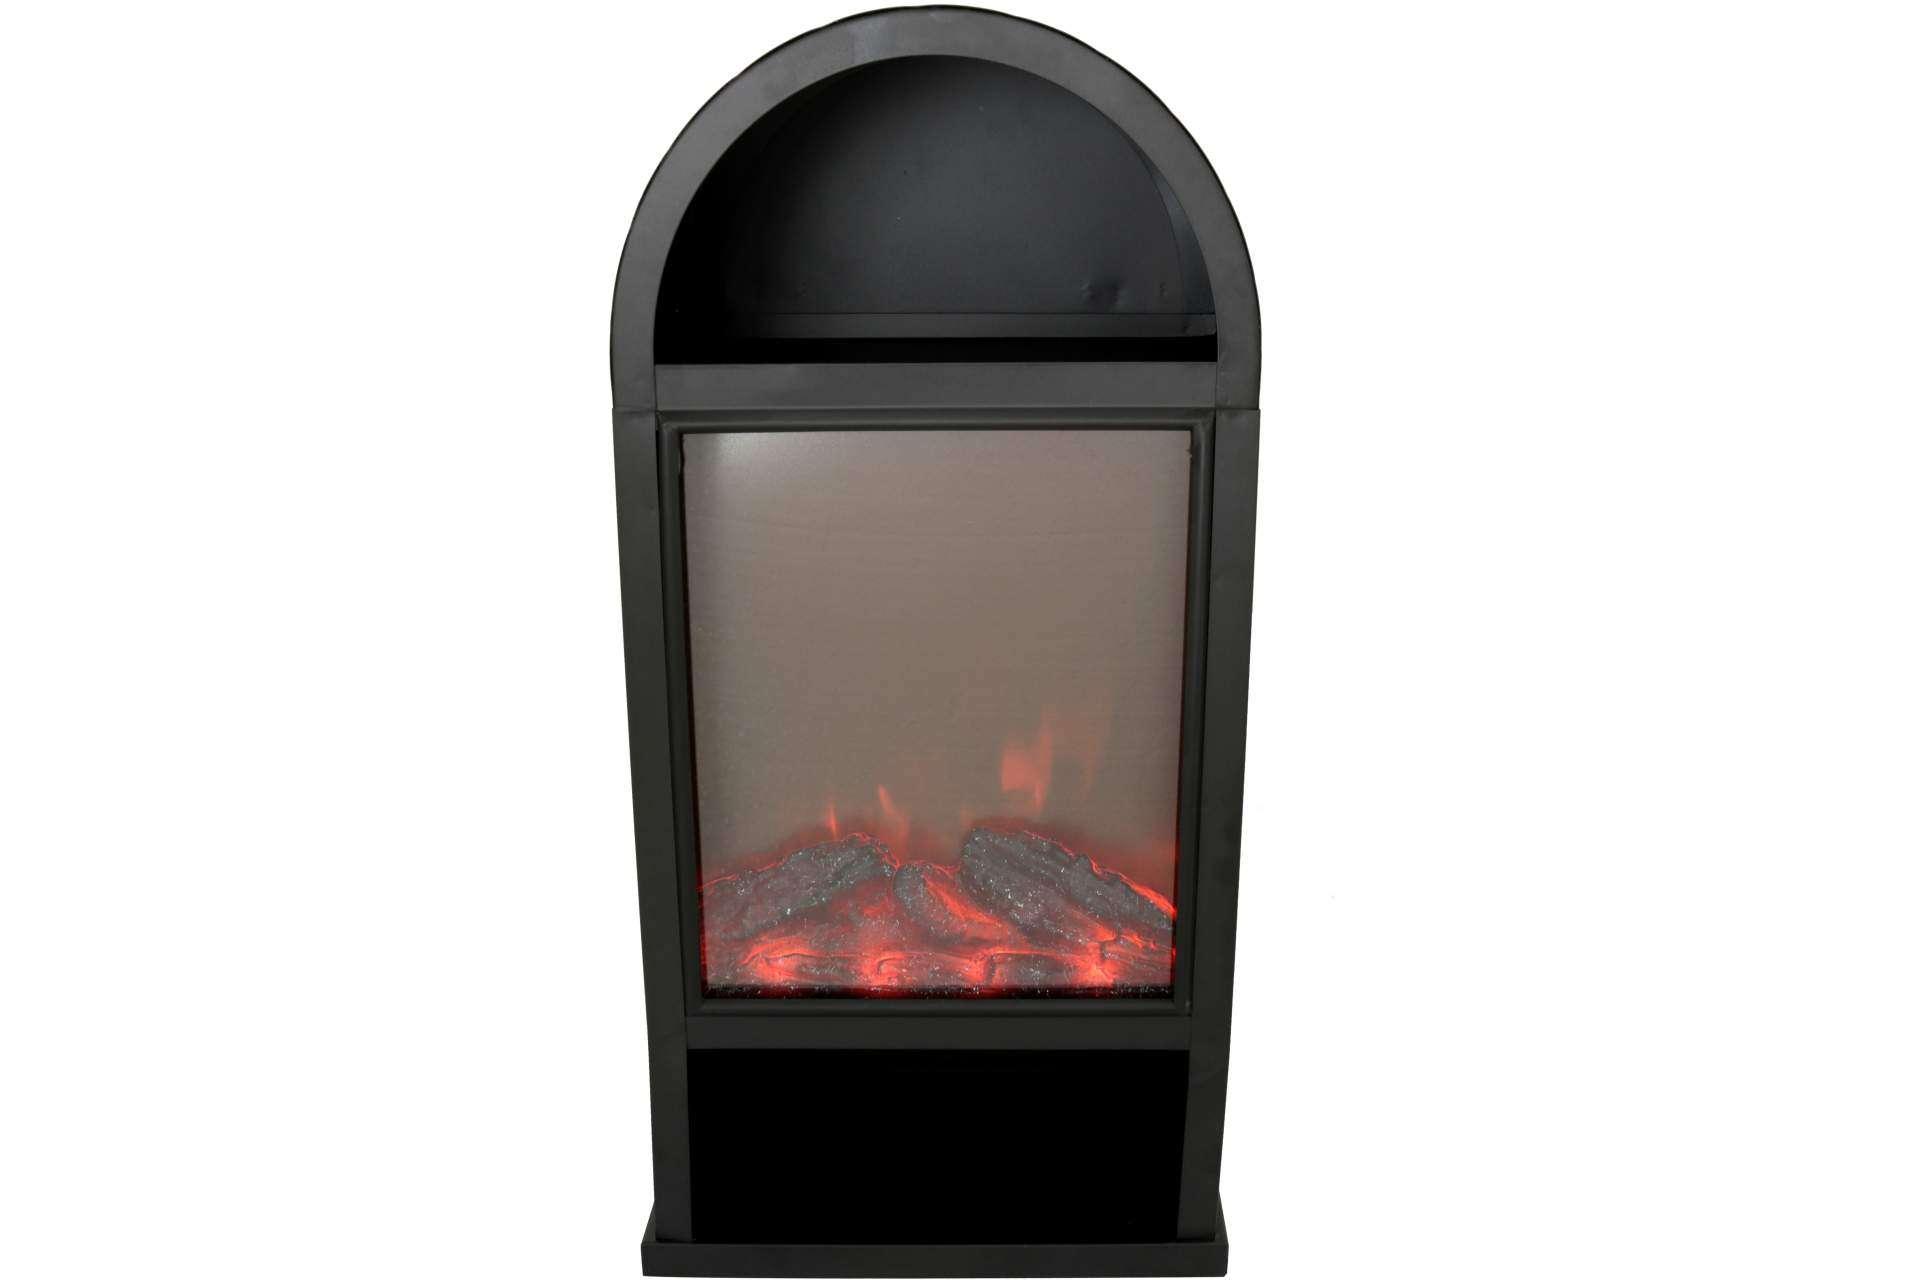 Deko Kamin Mit Flammmeneffekt 25 5 X 15 5 X 50 Cm Schwarz Dekoration Dekoration Wohnen Posten Borse Onlineshop